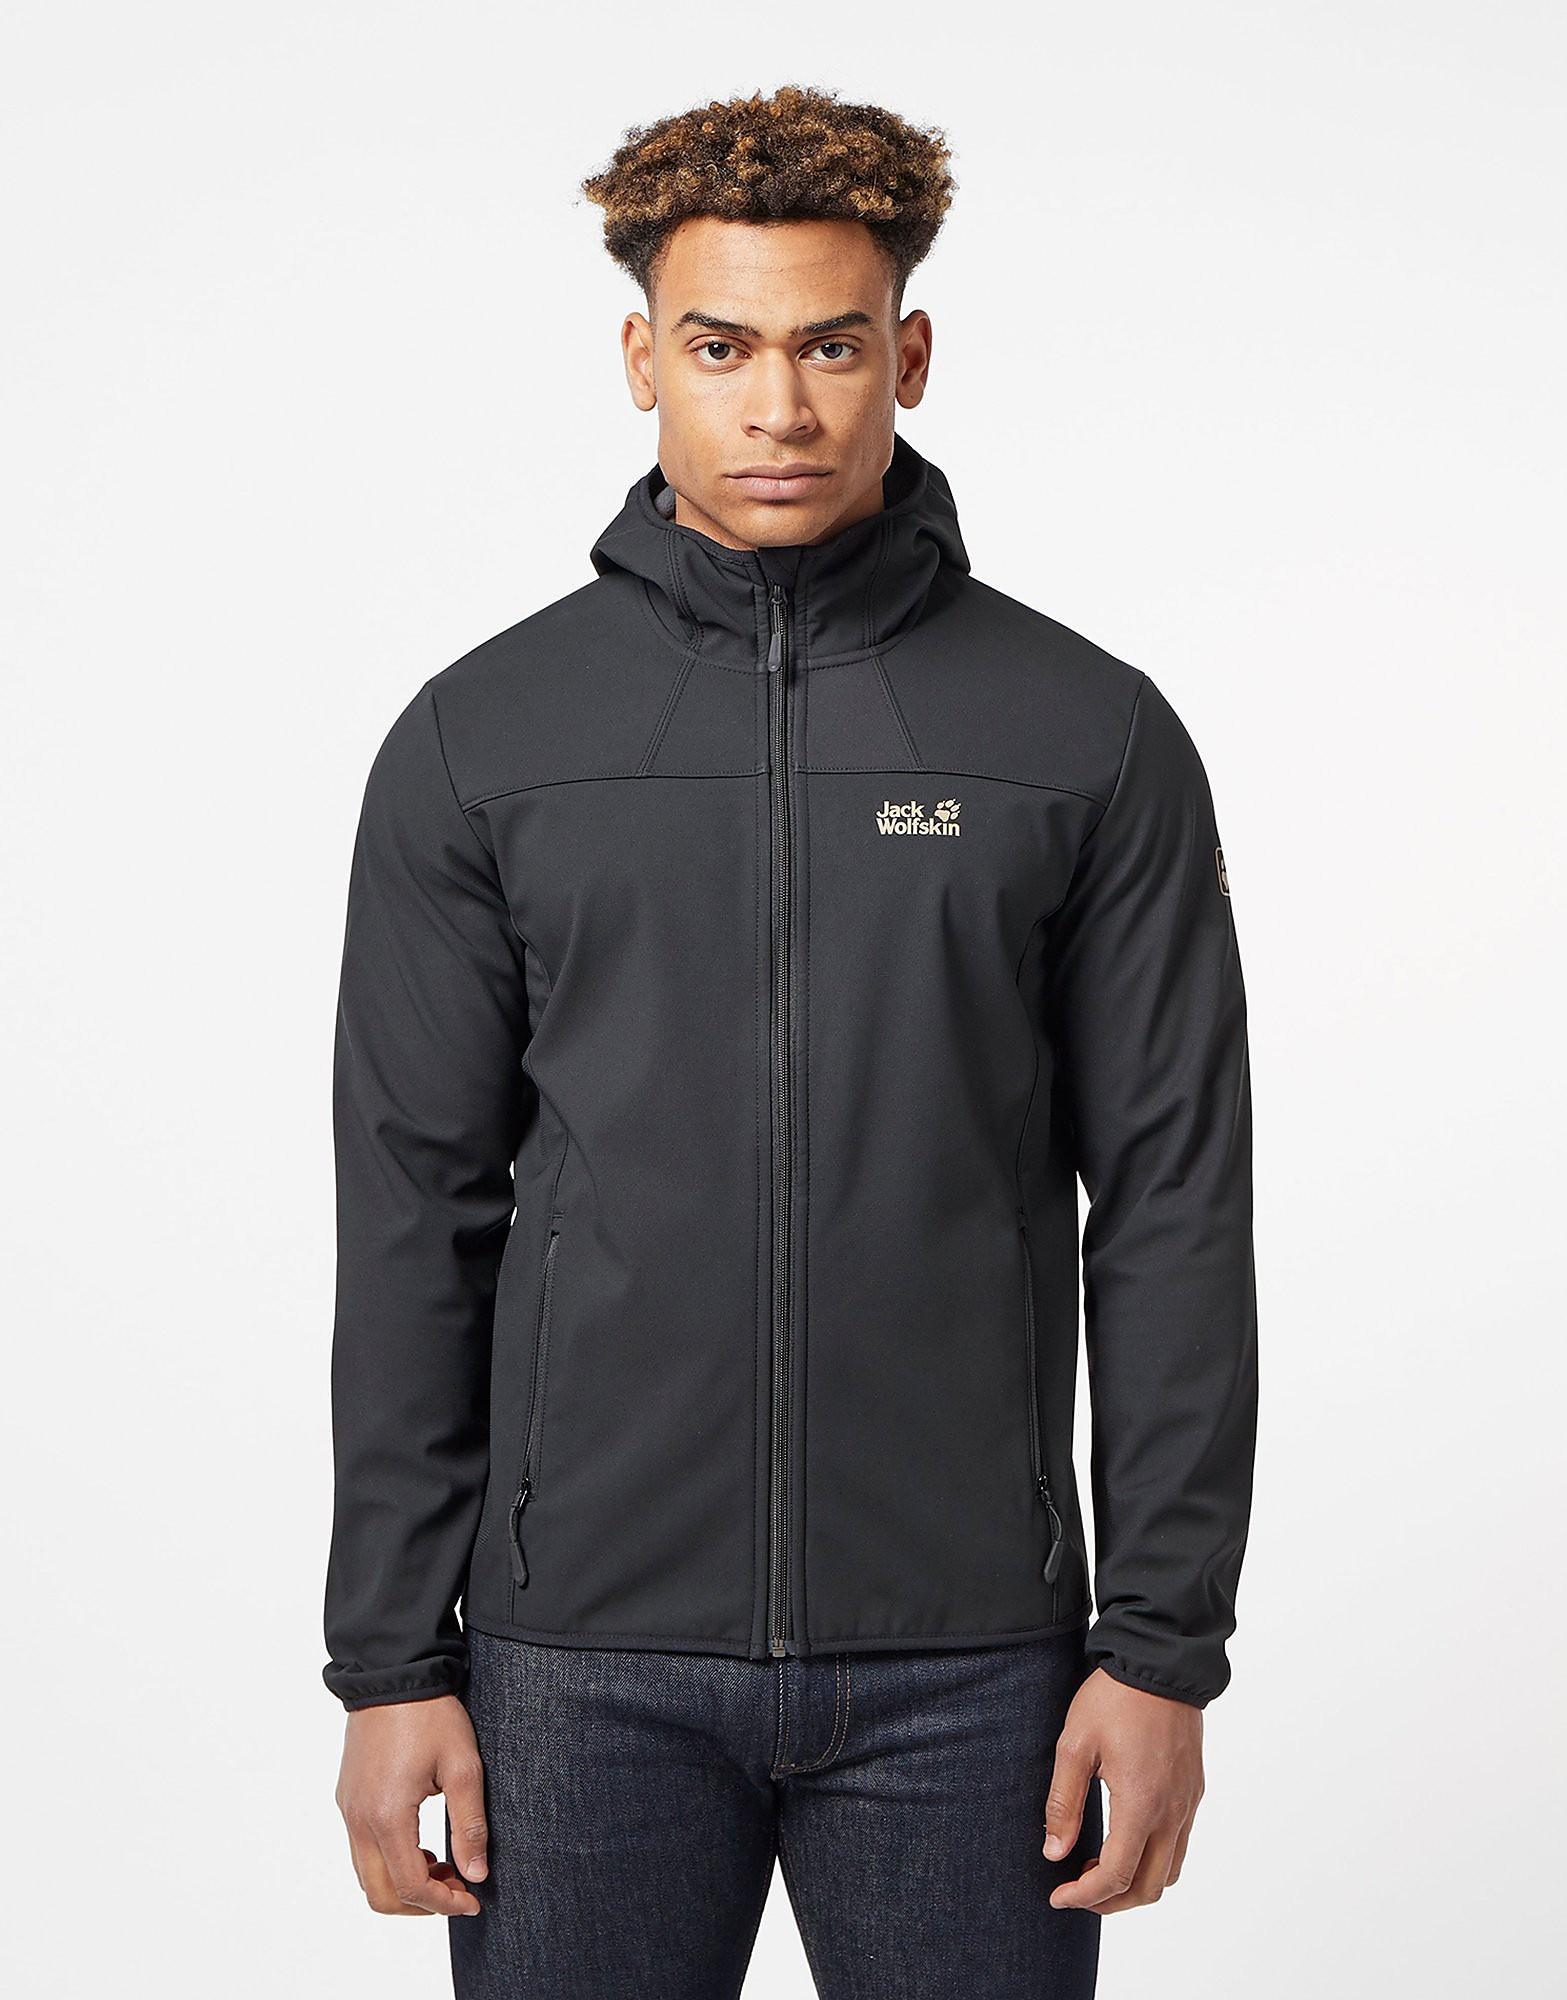 Jack Wolfskin Northern Point Softshell Jacket